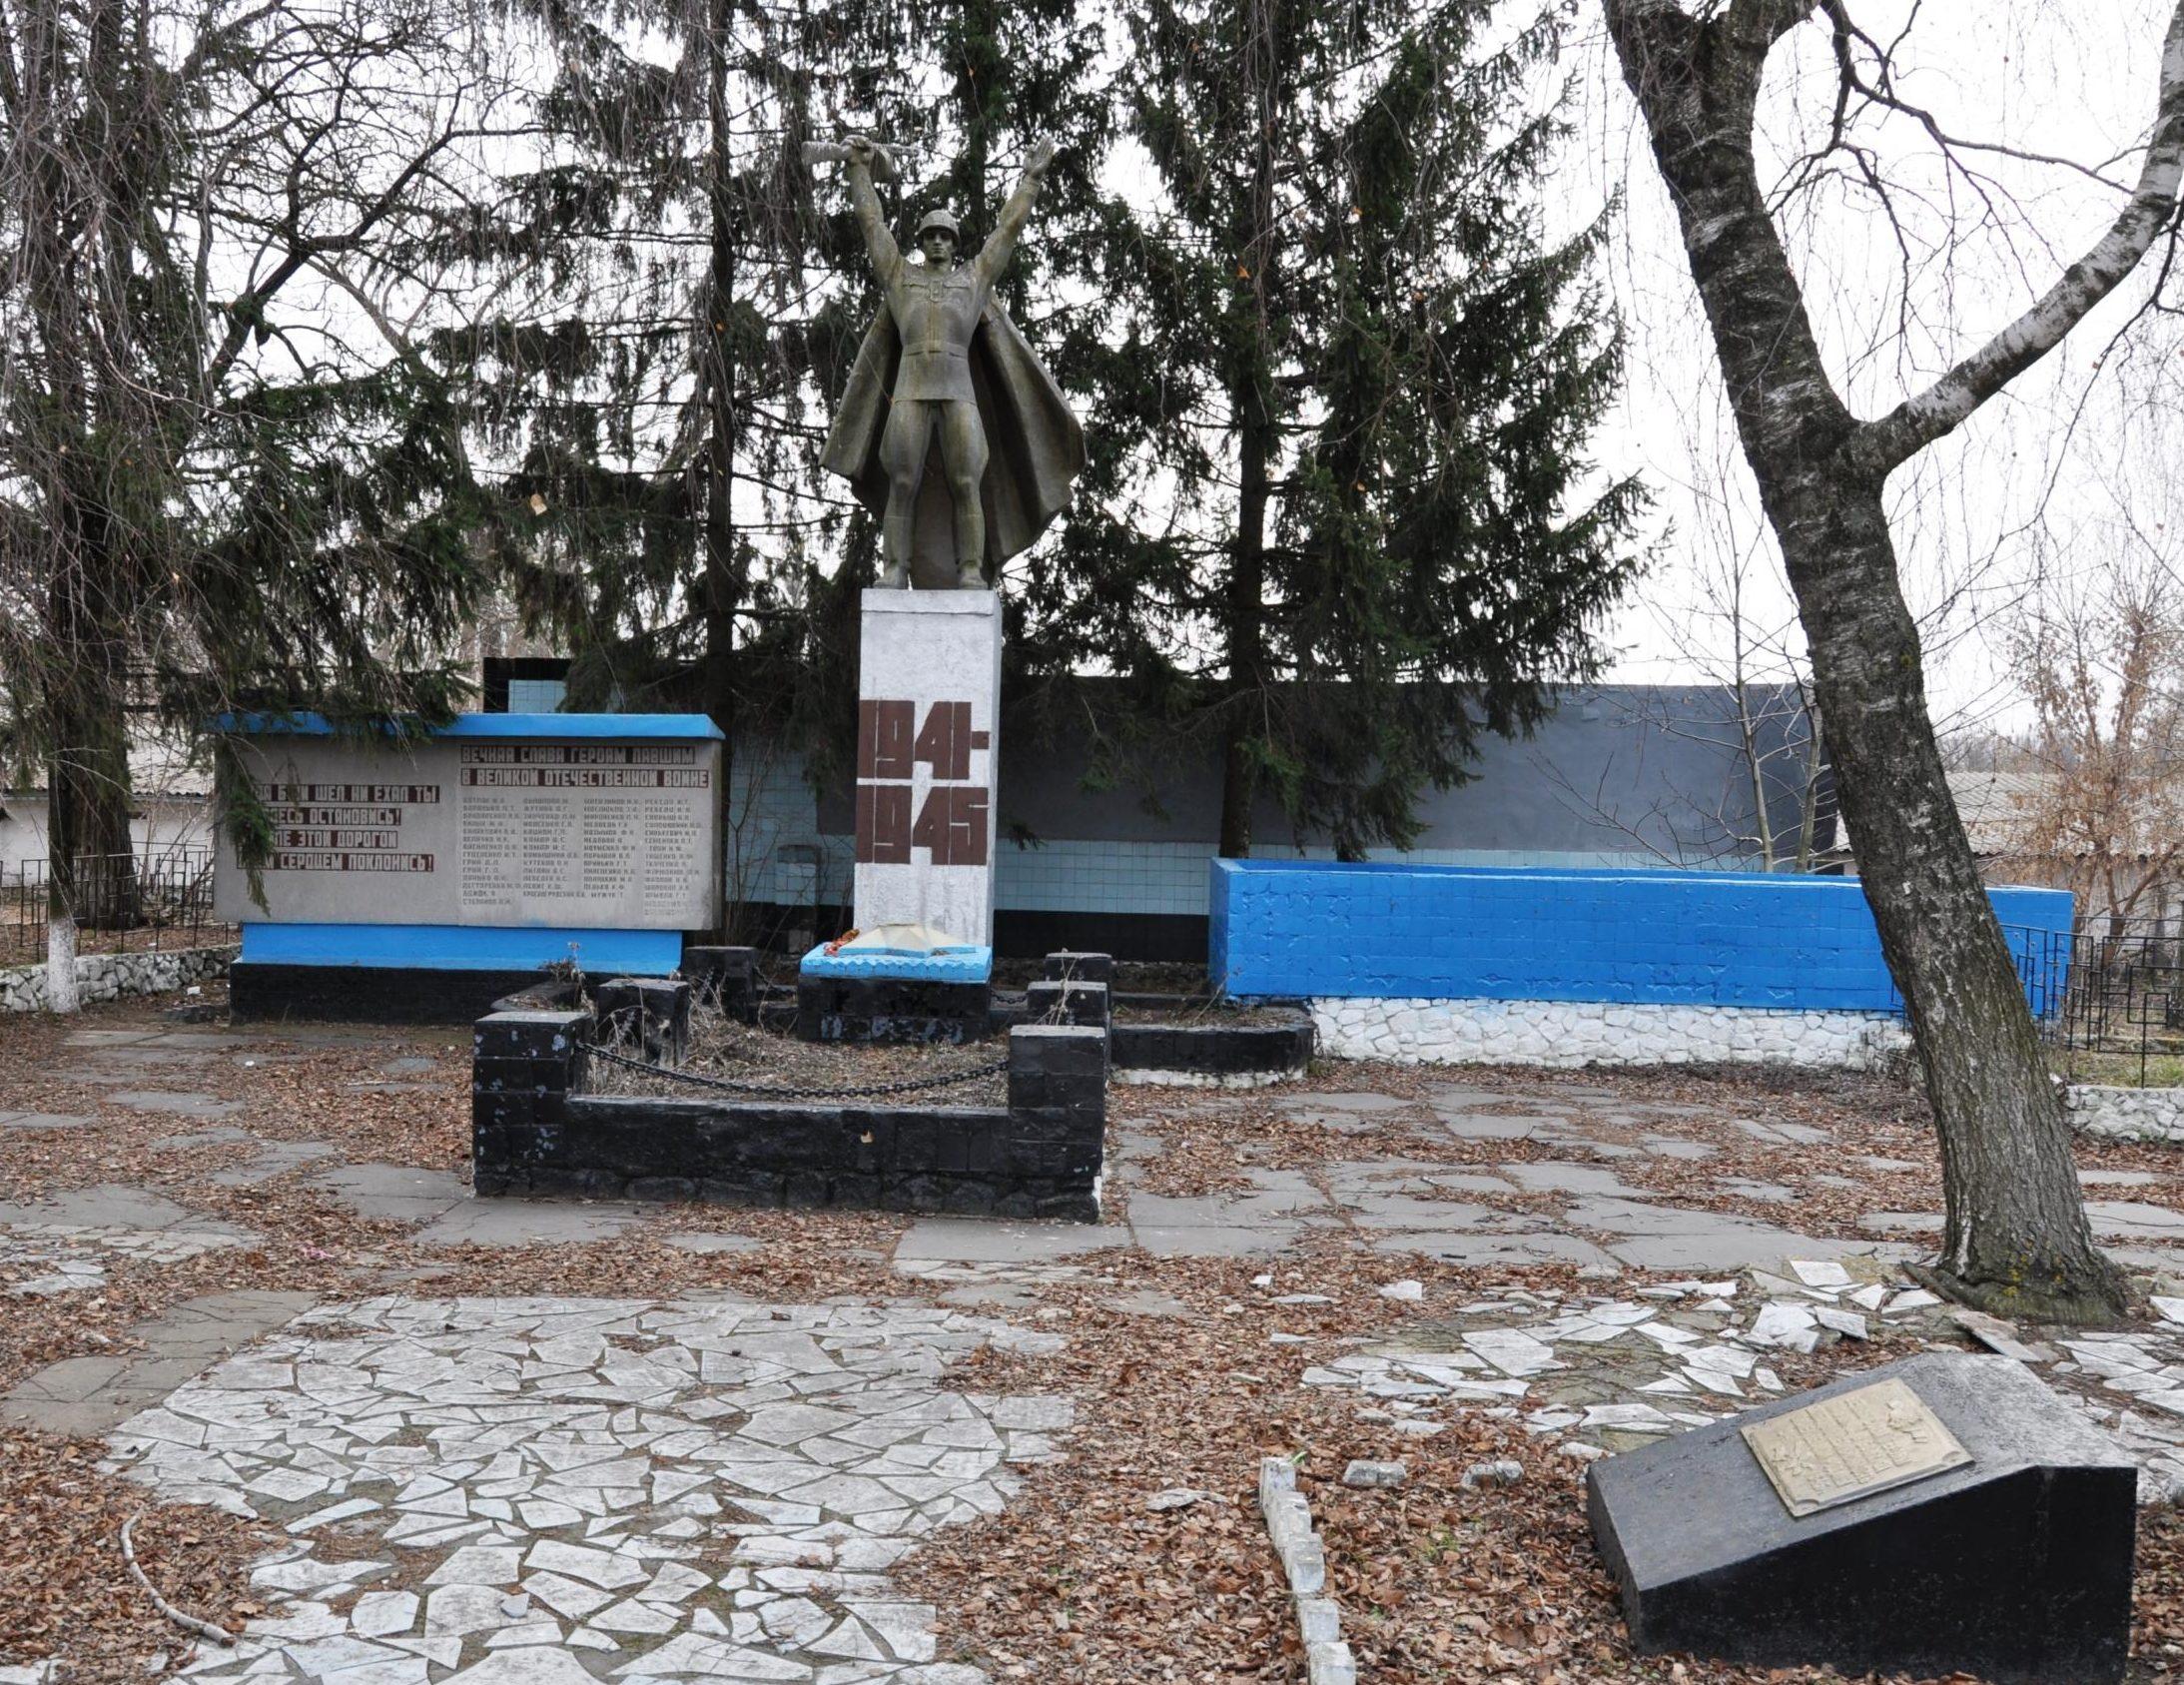 с. Садовое Барышевского р-на. Памятник, установлен на братской могиле, в которой похоронено 300 воинов, в т.ч. 293 неизвестных, погибших в голы войны.